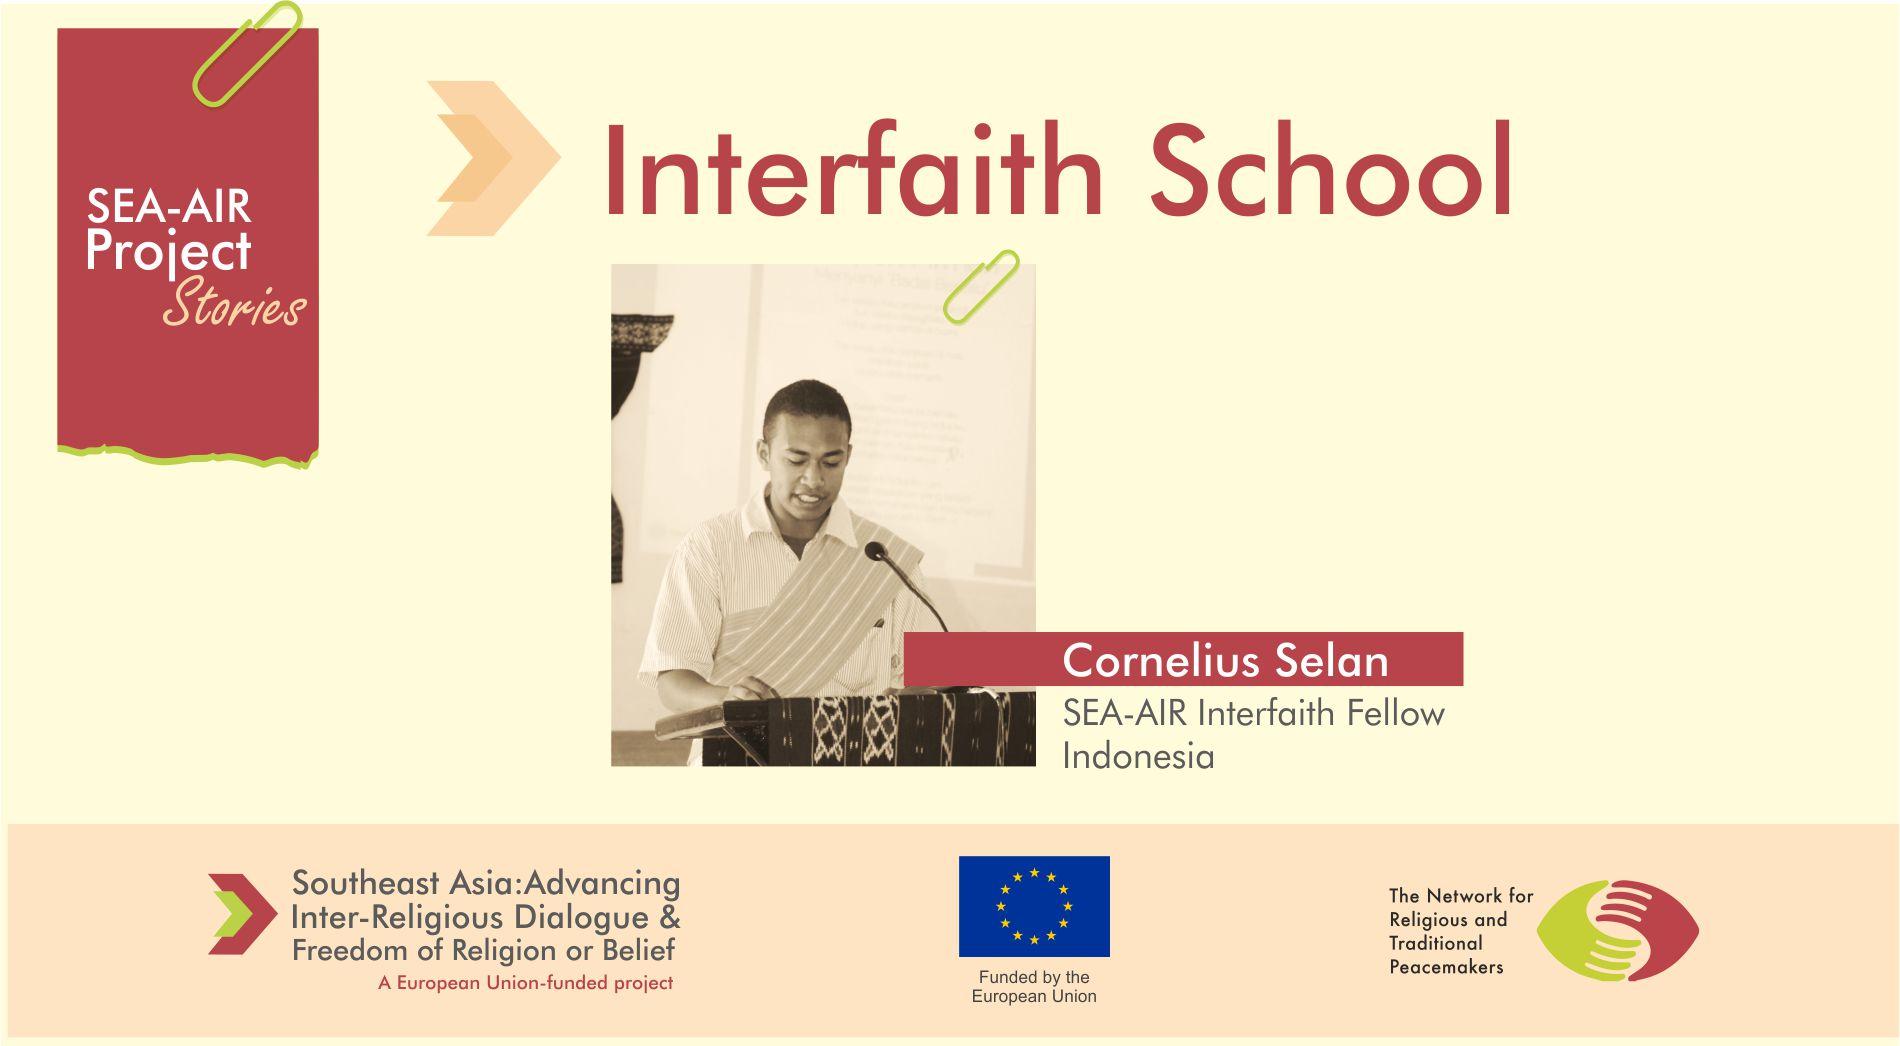 Interfaith School